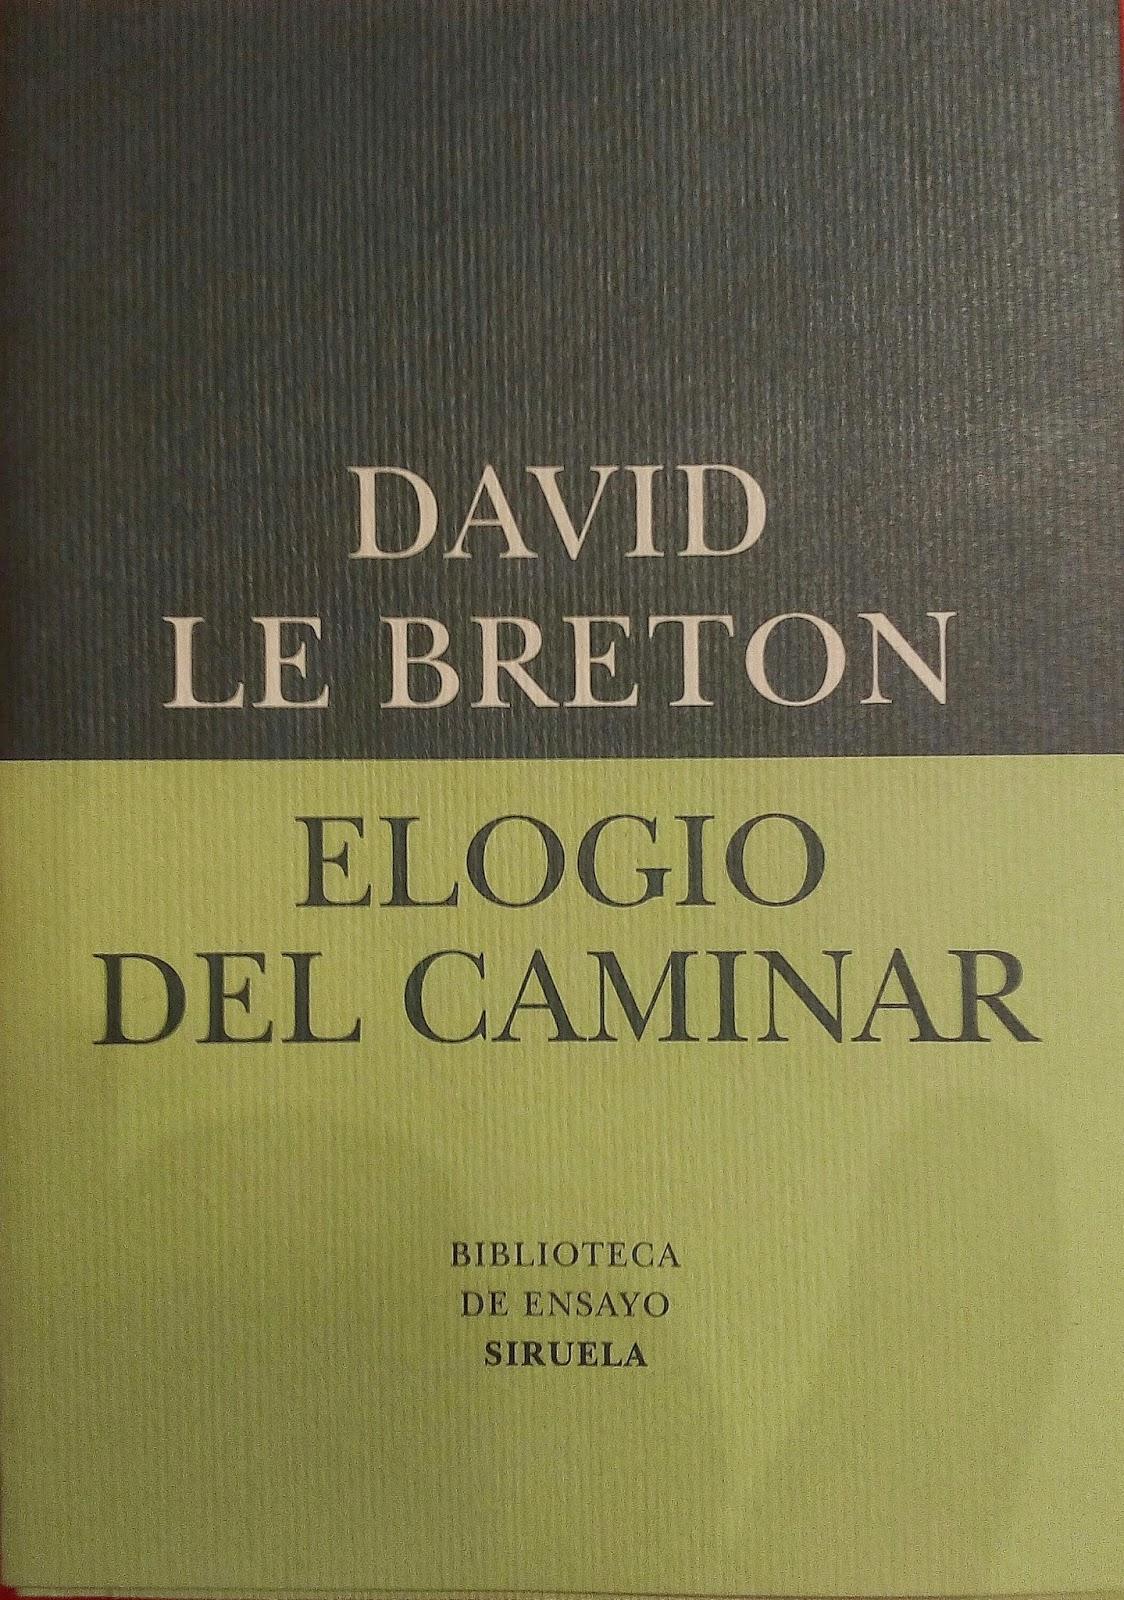 Elogio del Caminar - David Le Breton | Antonio Lantarón Fernández